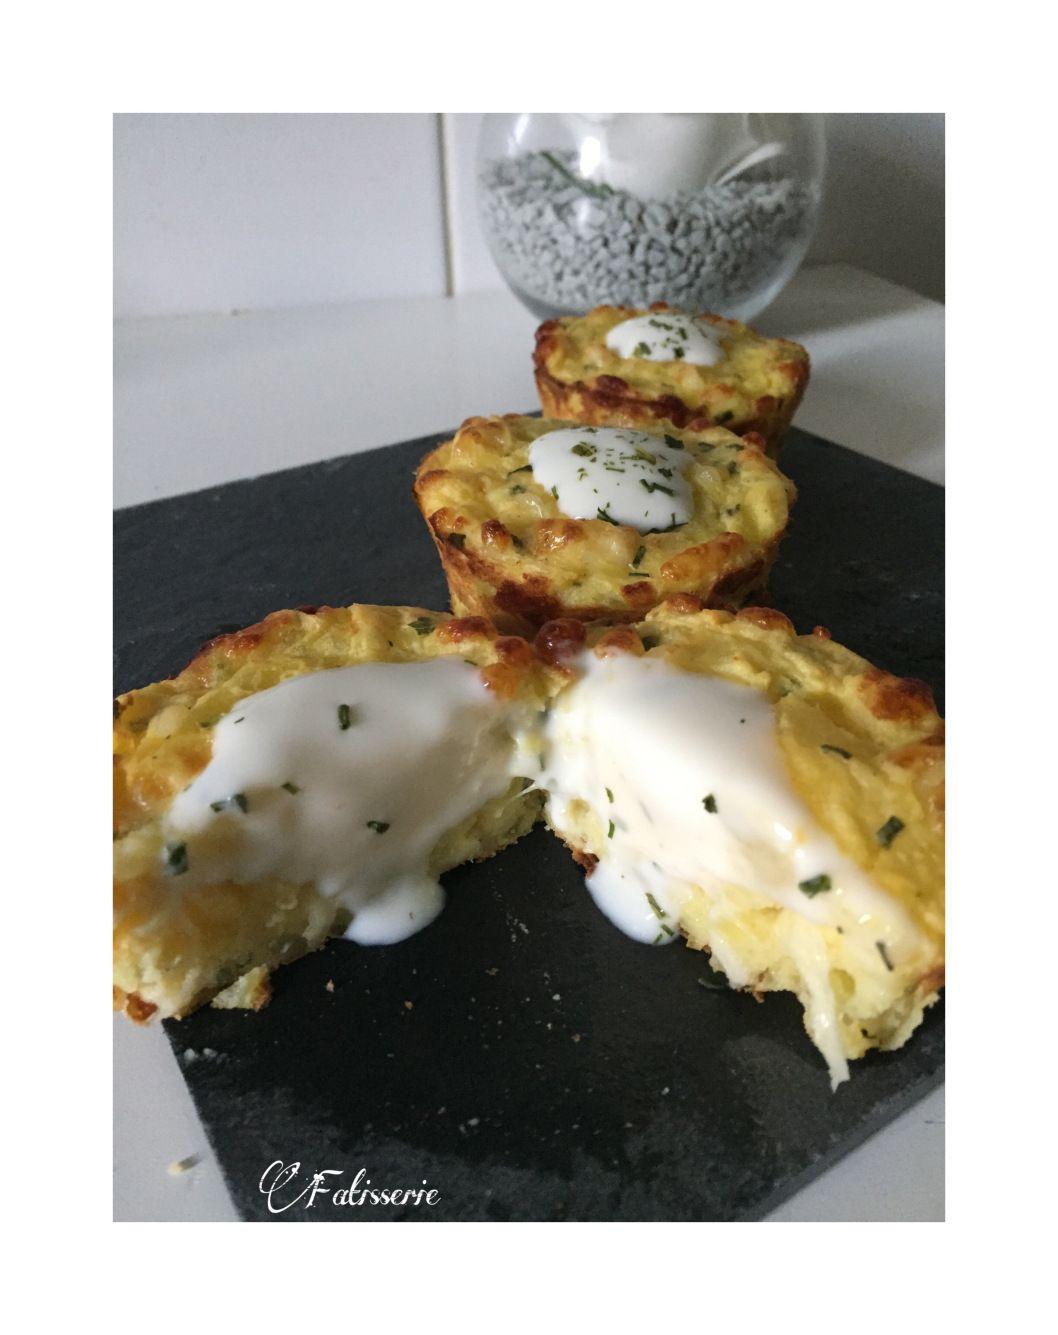 muffins de pommes de terre fourr s au fromage cuisine pinterest. Black Bedroom Furniture Sets. Home Design Ideas